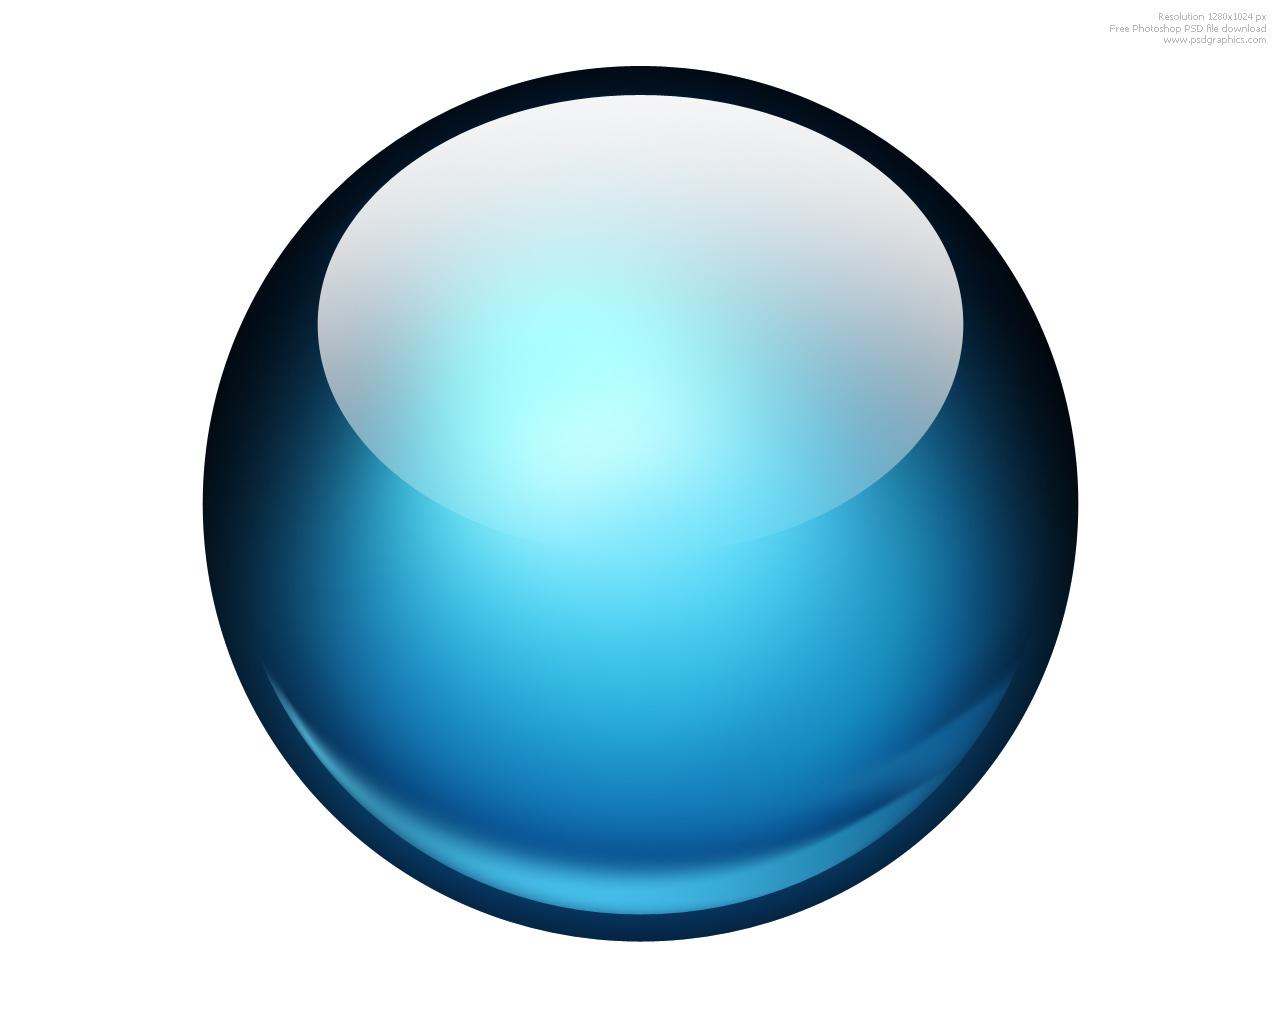 Glossy Circle Icons